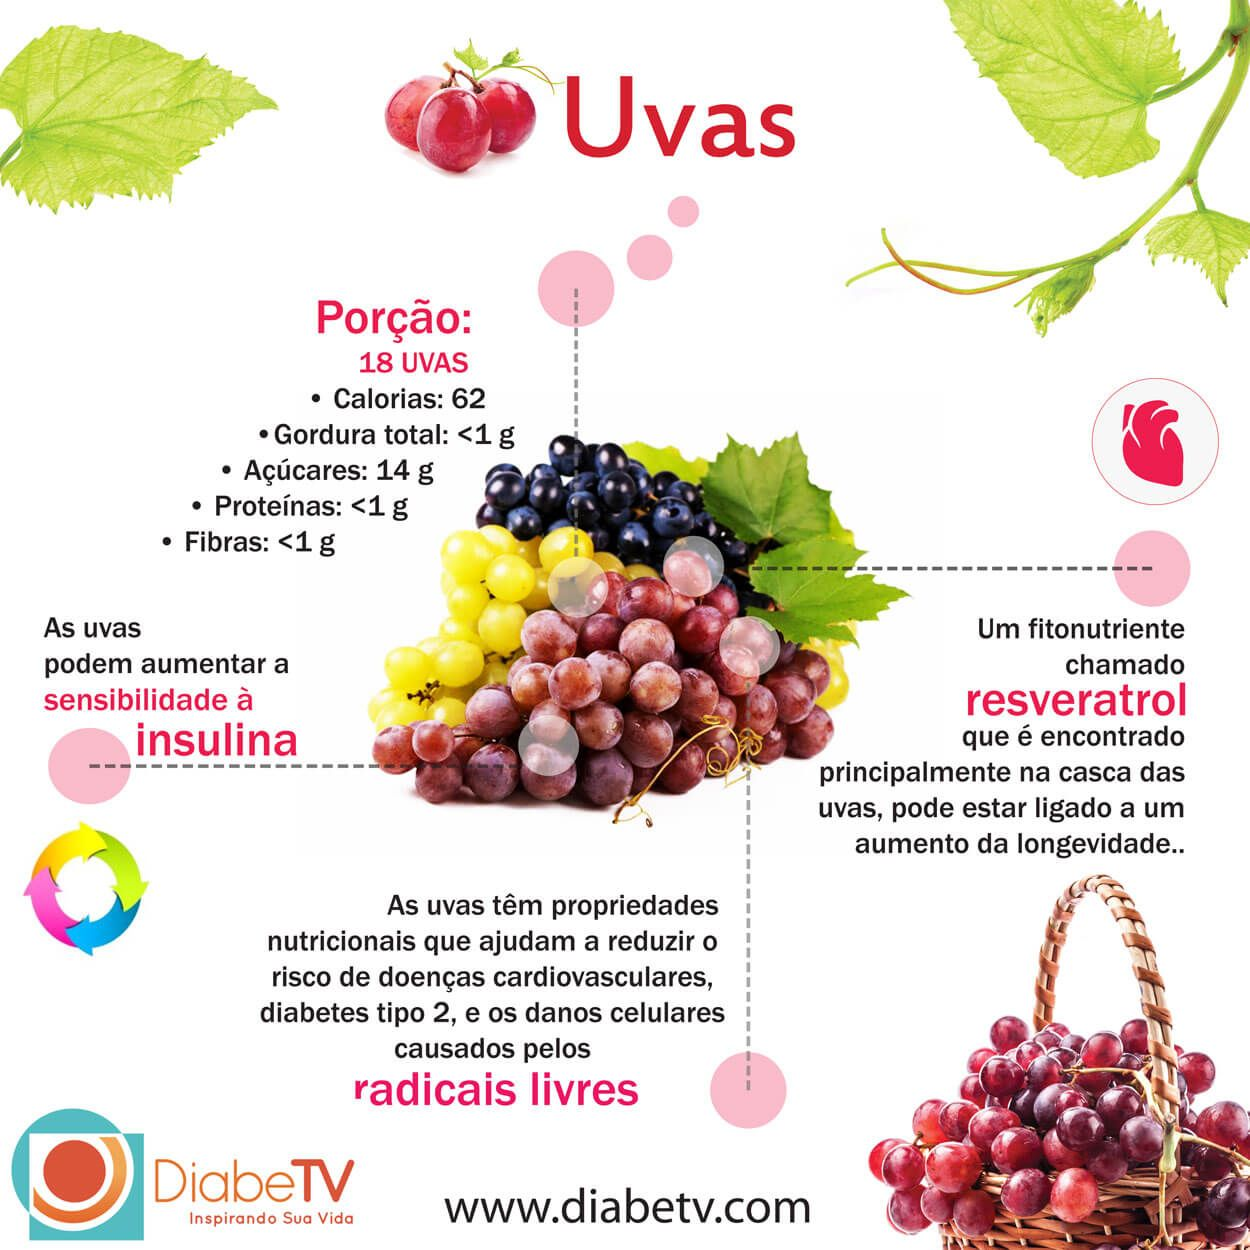 As Deliciosas Uvas Diabetv Dicas De Nutricao Dicas De Alimentacao Saudavel Alimentacao Saudavel